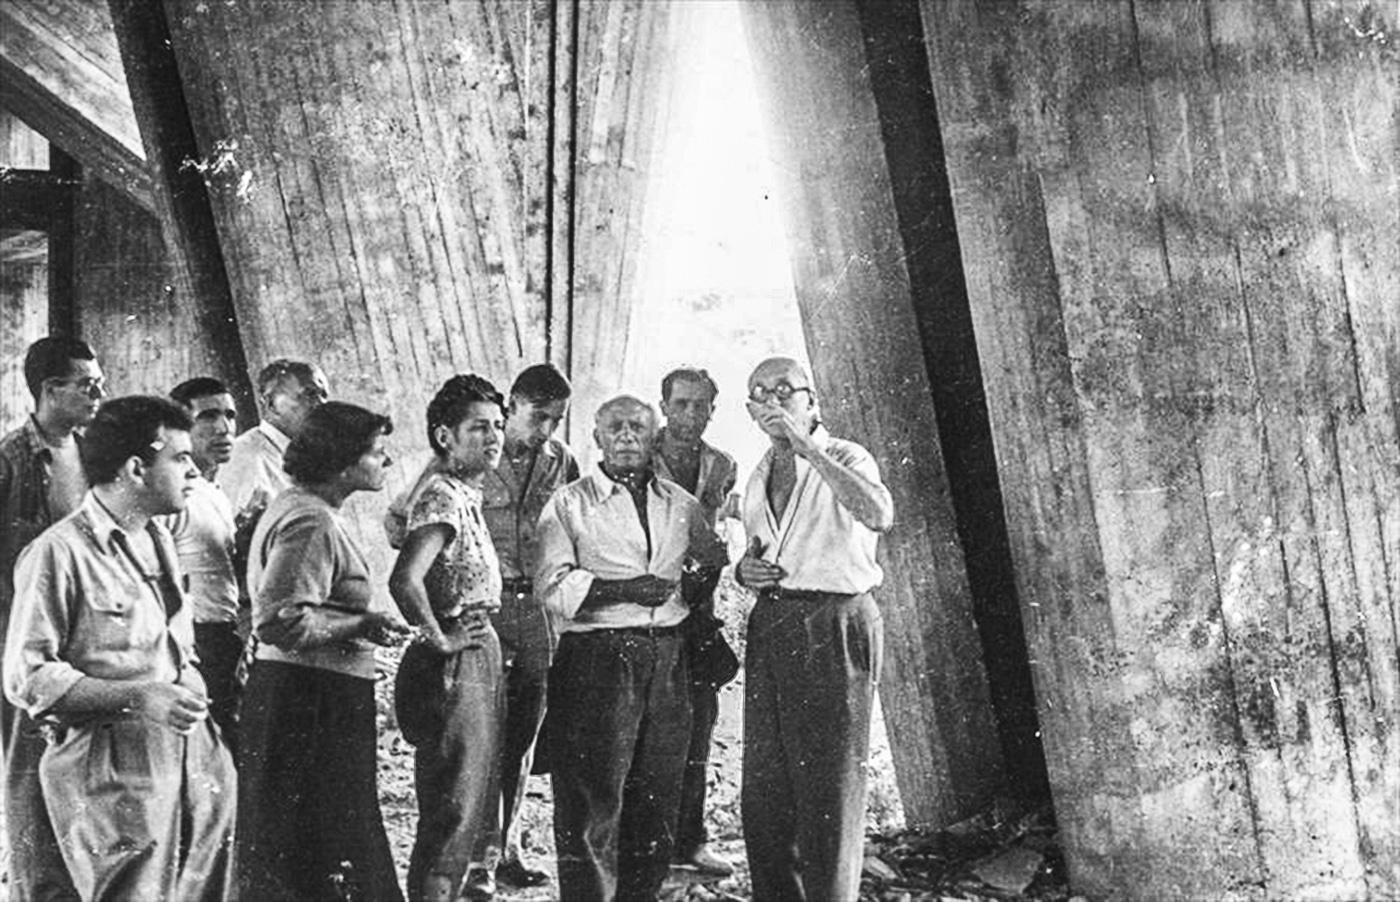 le-corbusier-et-pablo-picasso-sur-le-chantier-de-lunitc3a9-dhabitation-de-marseille-1949-photographe-non-mentionnc3a9col